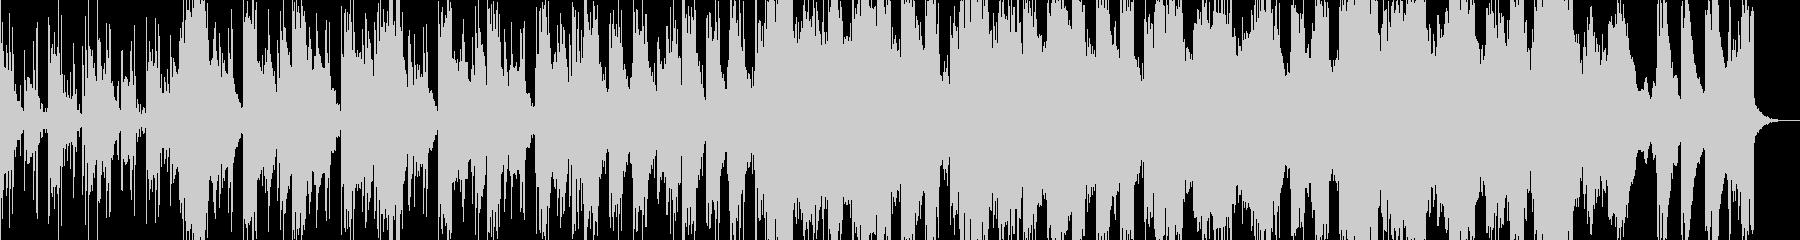 しっとりした和風のピアノR&Bの未再生の波形